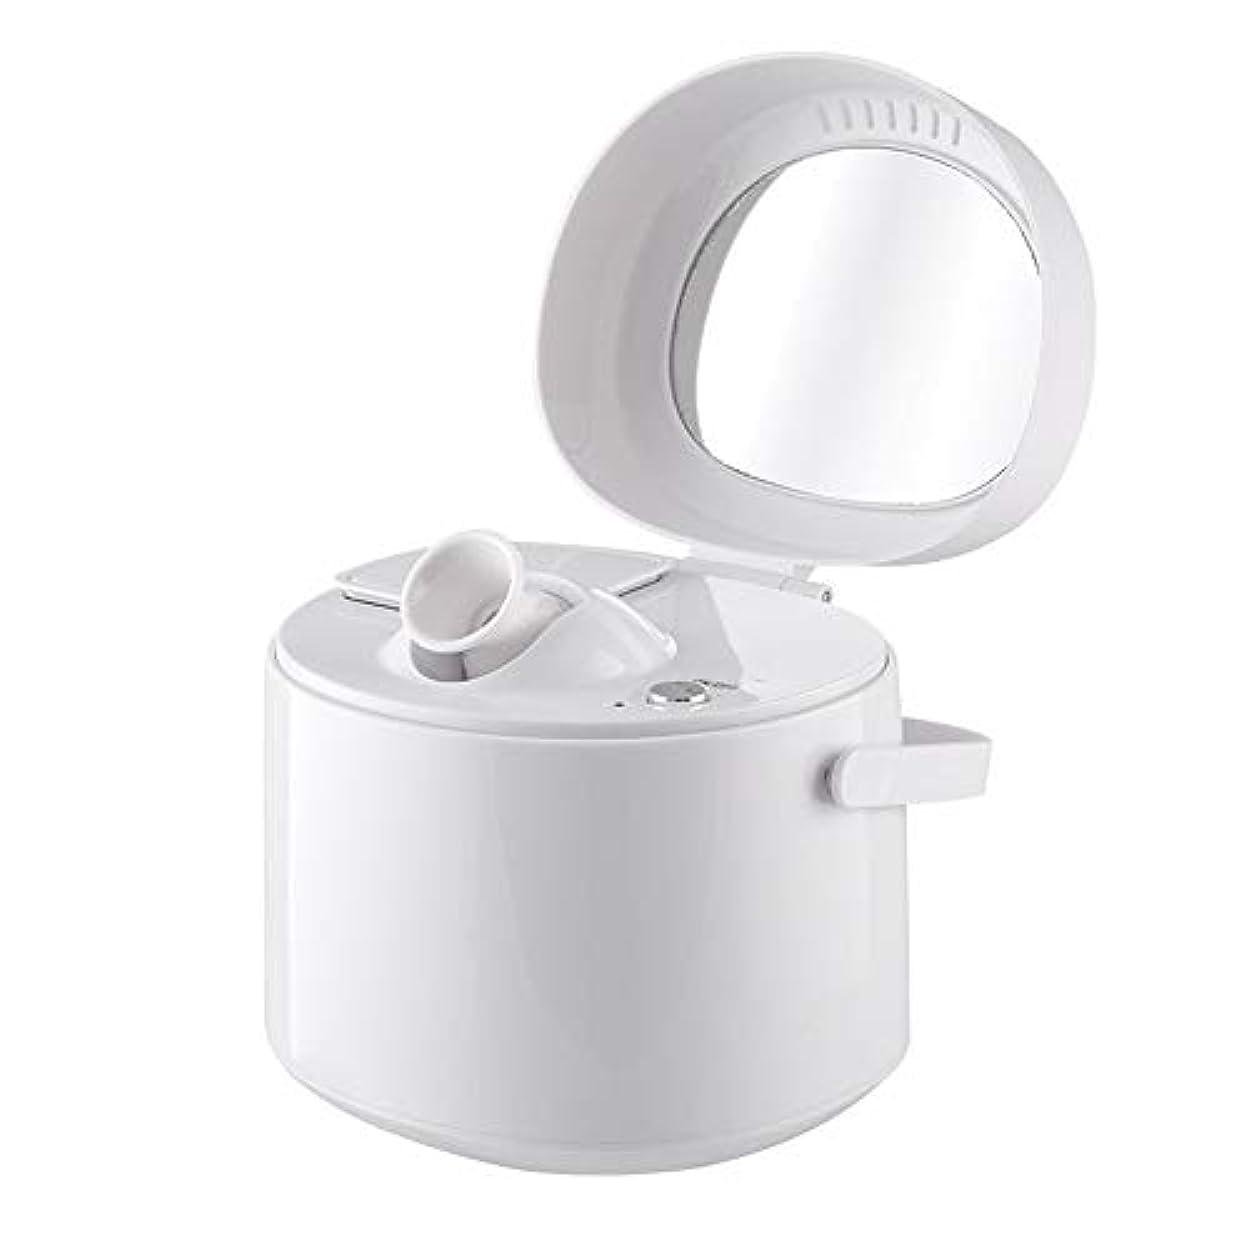 地下鉄処理湿地ZXF ホットスプレースチームフェイス美容器具ホームナノイオン保湿スプレー美容器具美容ミラーホワイト 滑らかである